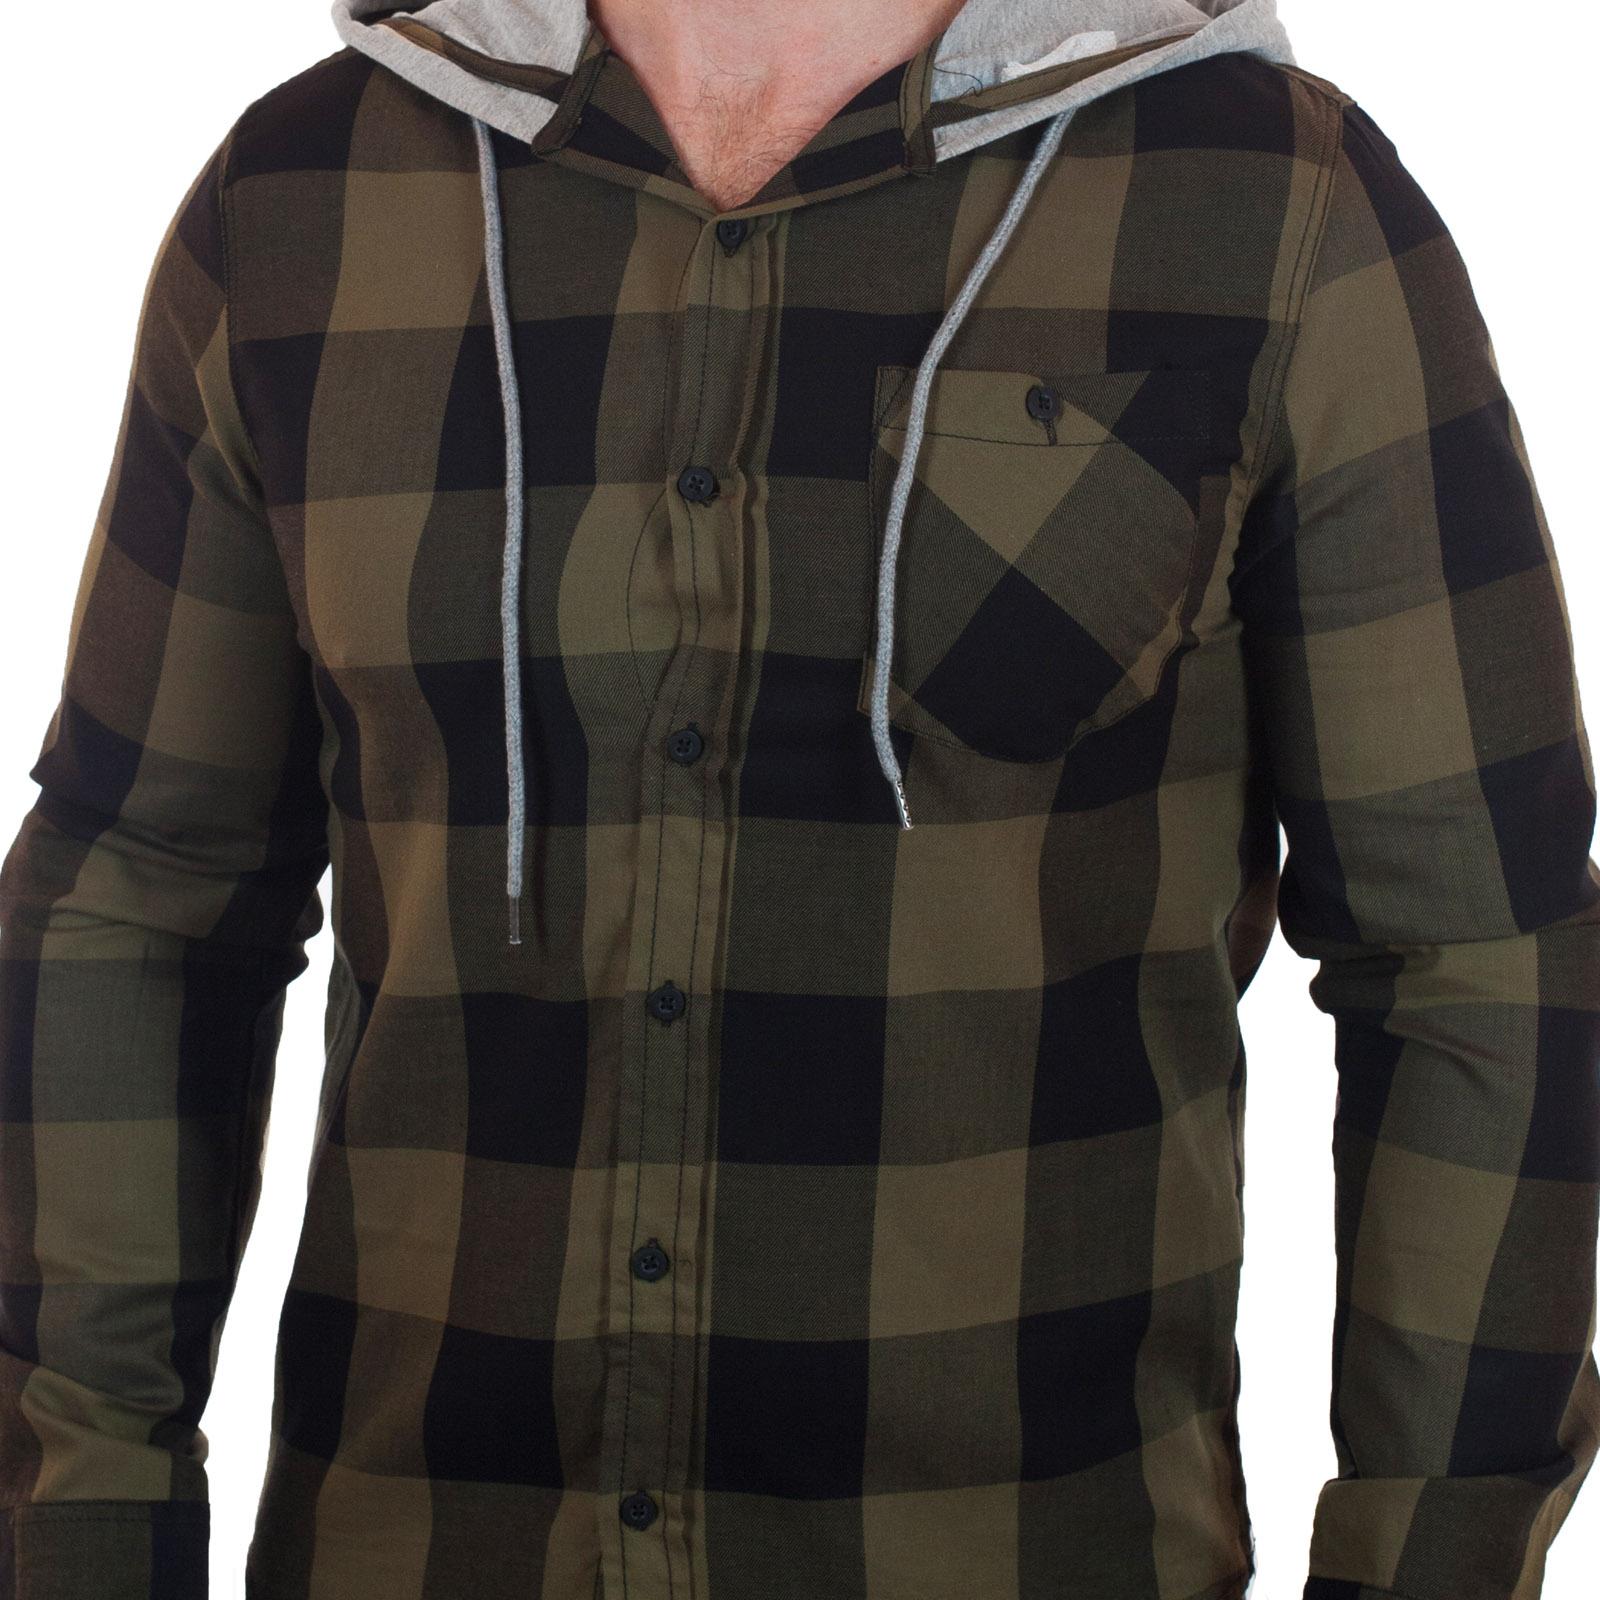 177eb19b9954 Люди с любым уровнем достатка хотят хорошо одеваться и стильно выглядеть. И  это возможно, если найти оптимальные варианты для покупки одежды, ...